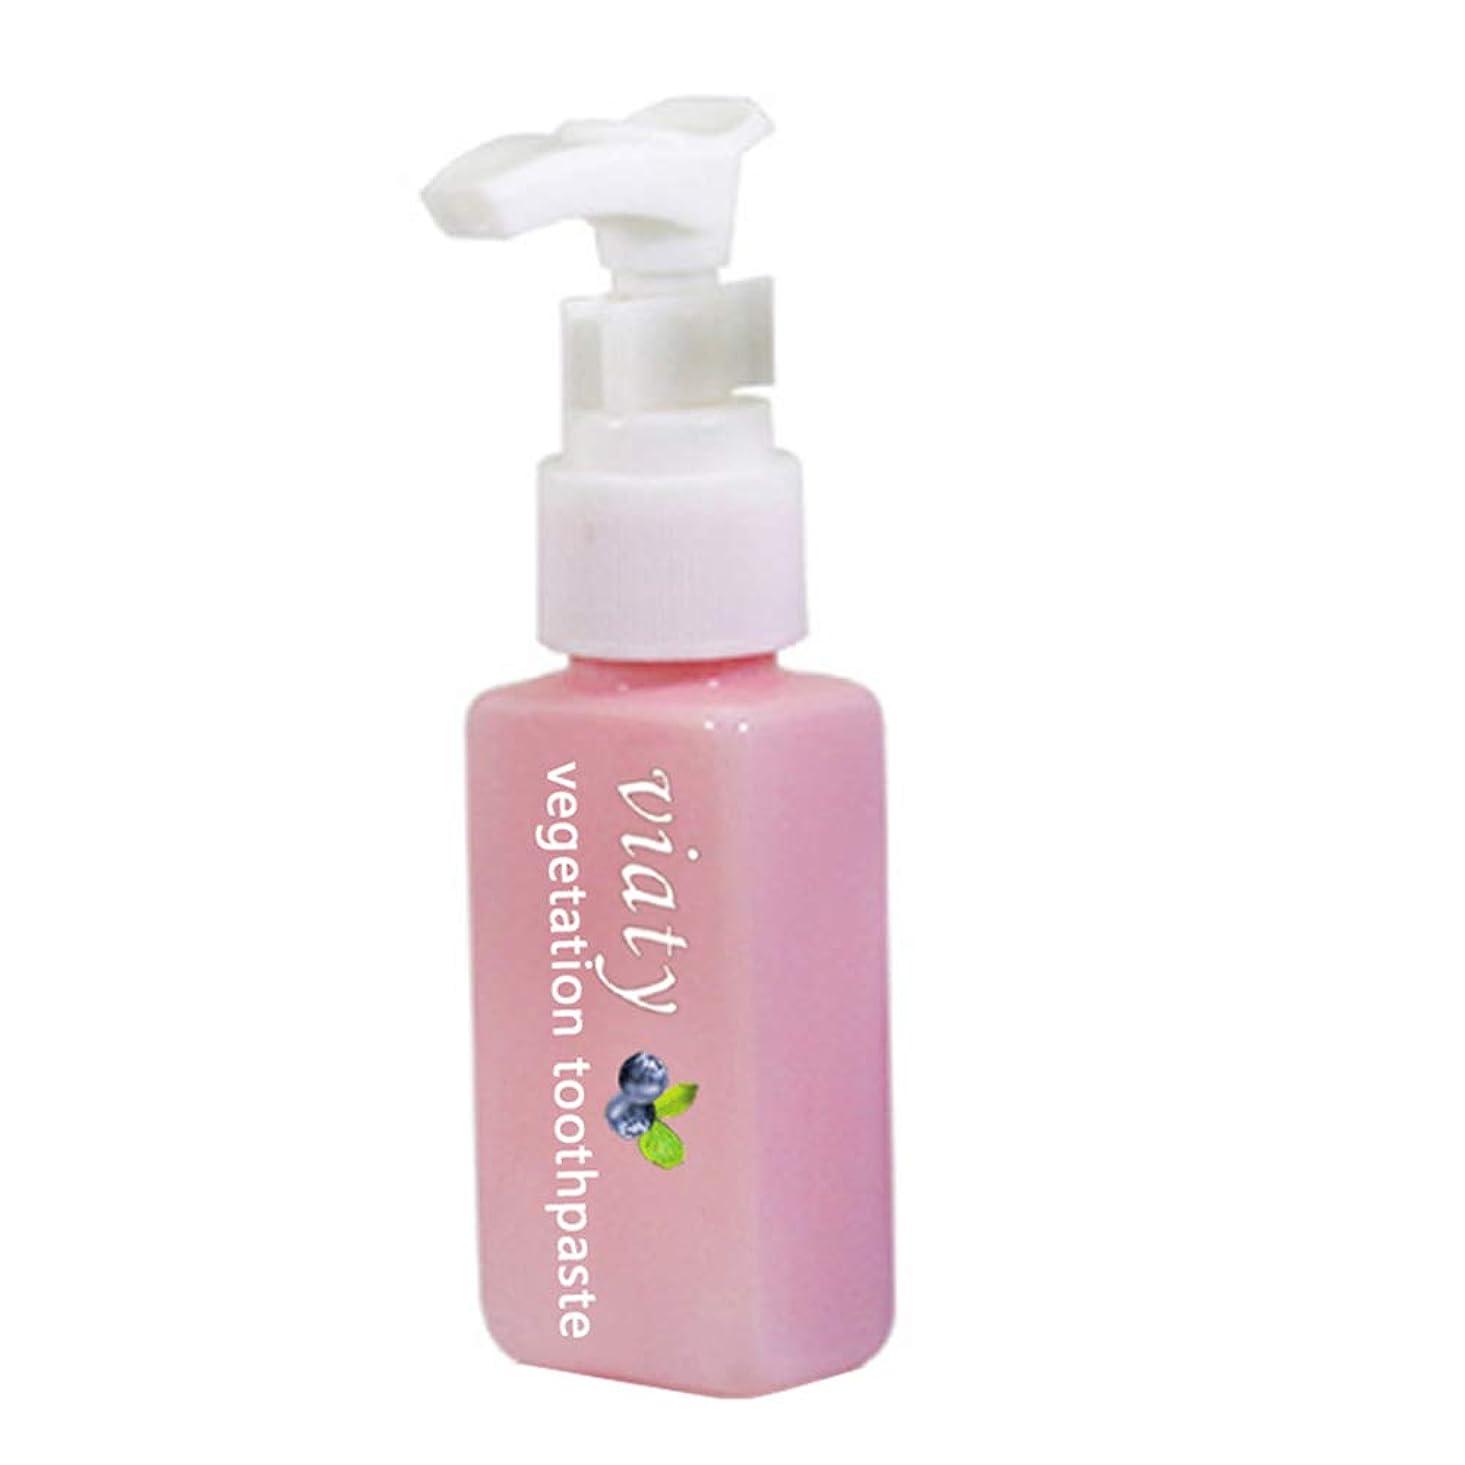 デッキマーチャンダイザー架空のCoolTack 歯磨き粉アンチブリードガムプレスタイプ新鮮な歯磨き粉を白くする汚れ除去剤